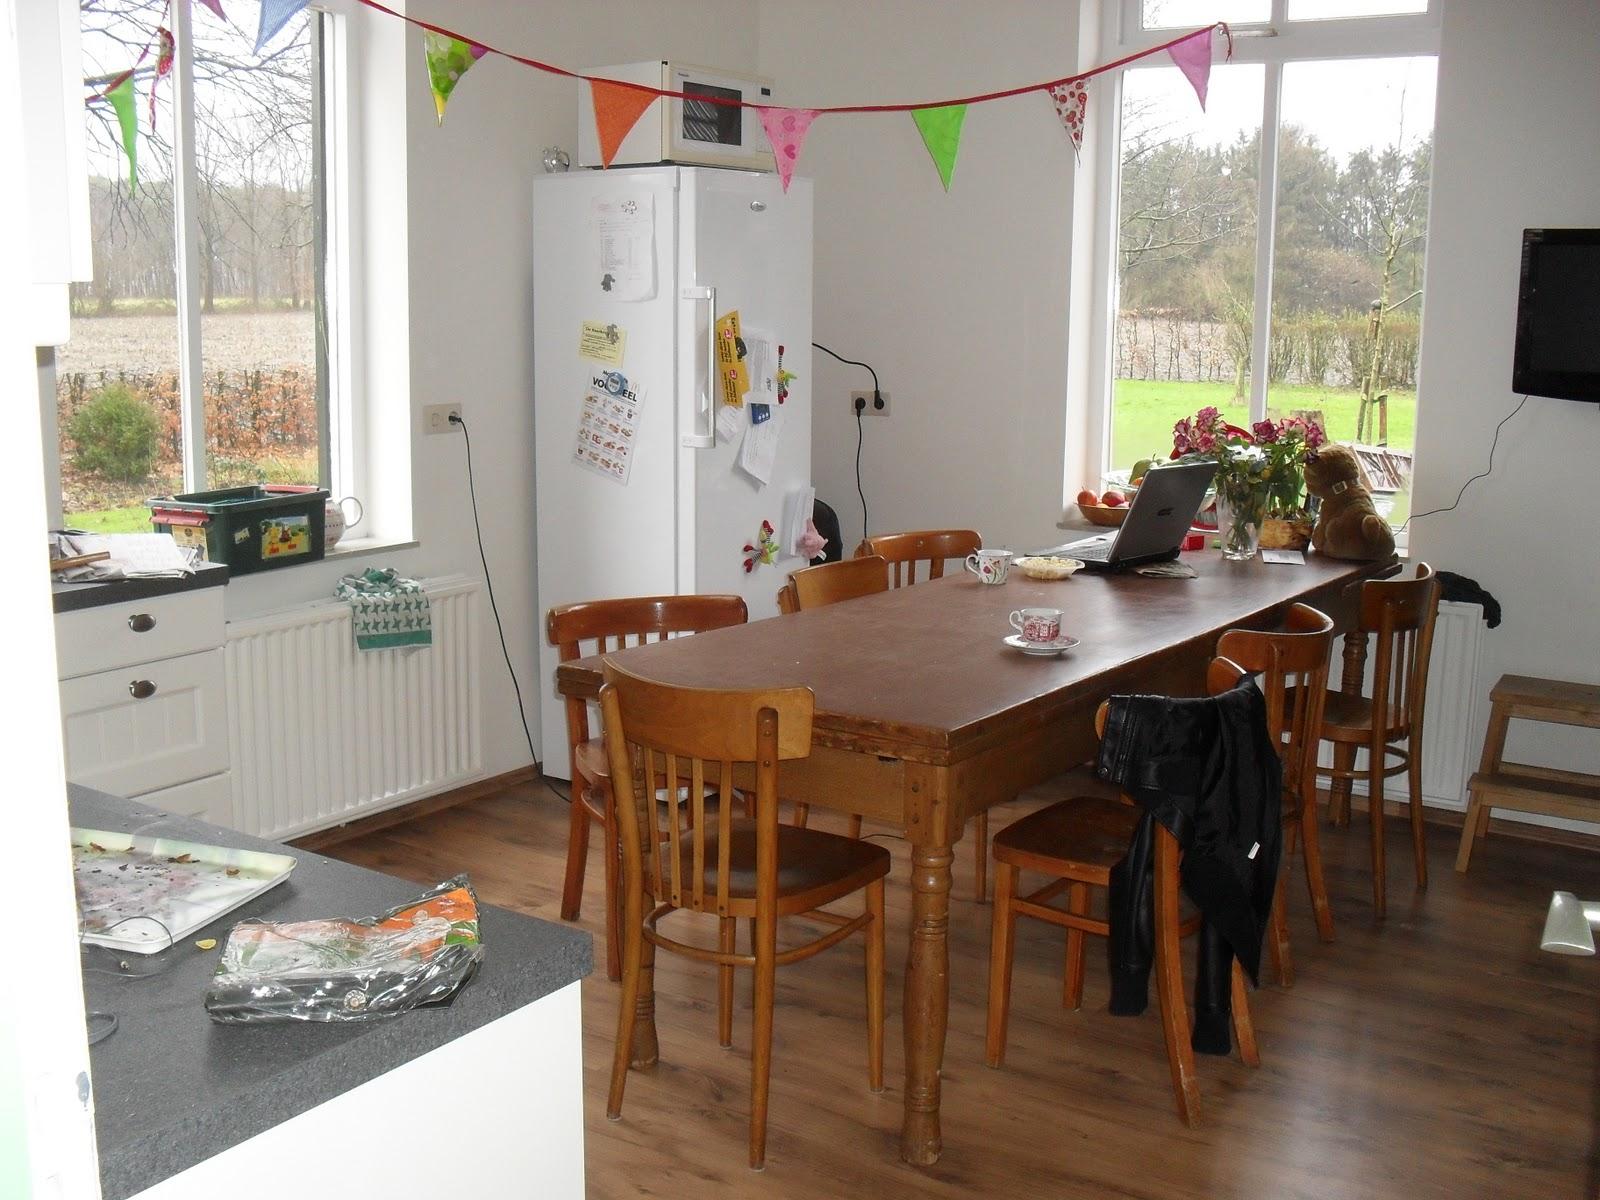 Open keuken versus aparte keuken huisvlijt - Keuken en woonkamer in dezelfde kamer ...